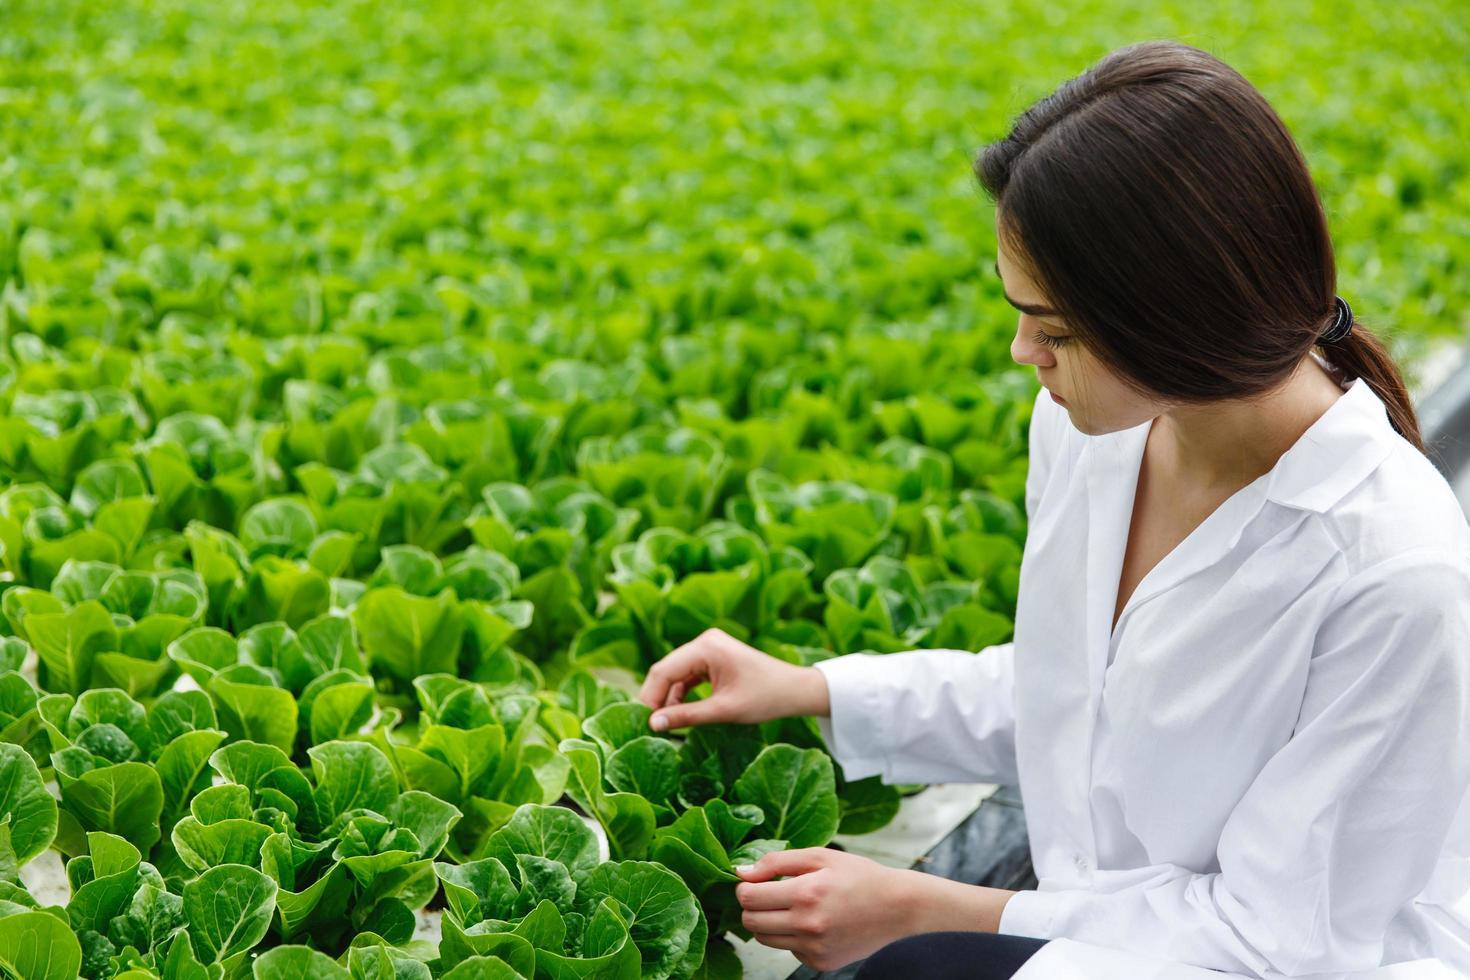 Femme en robe de laboratoire blanc examine la salade et le chou photo